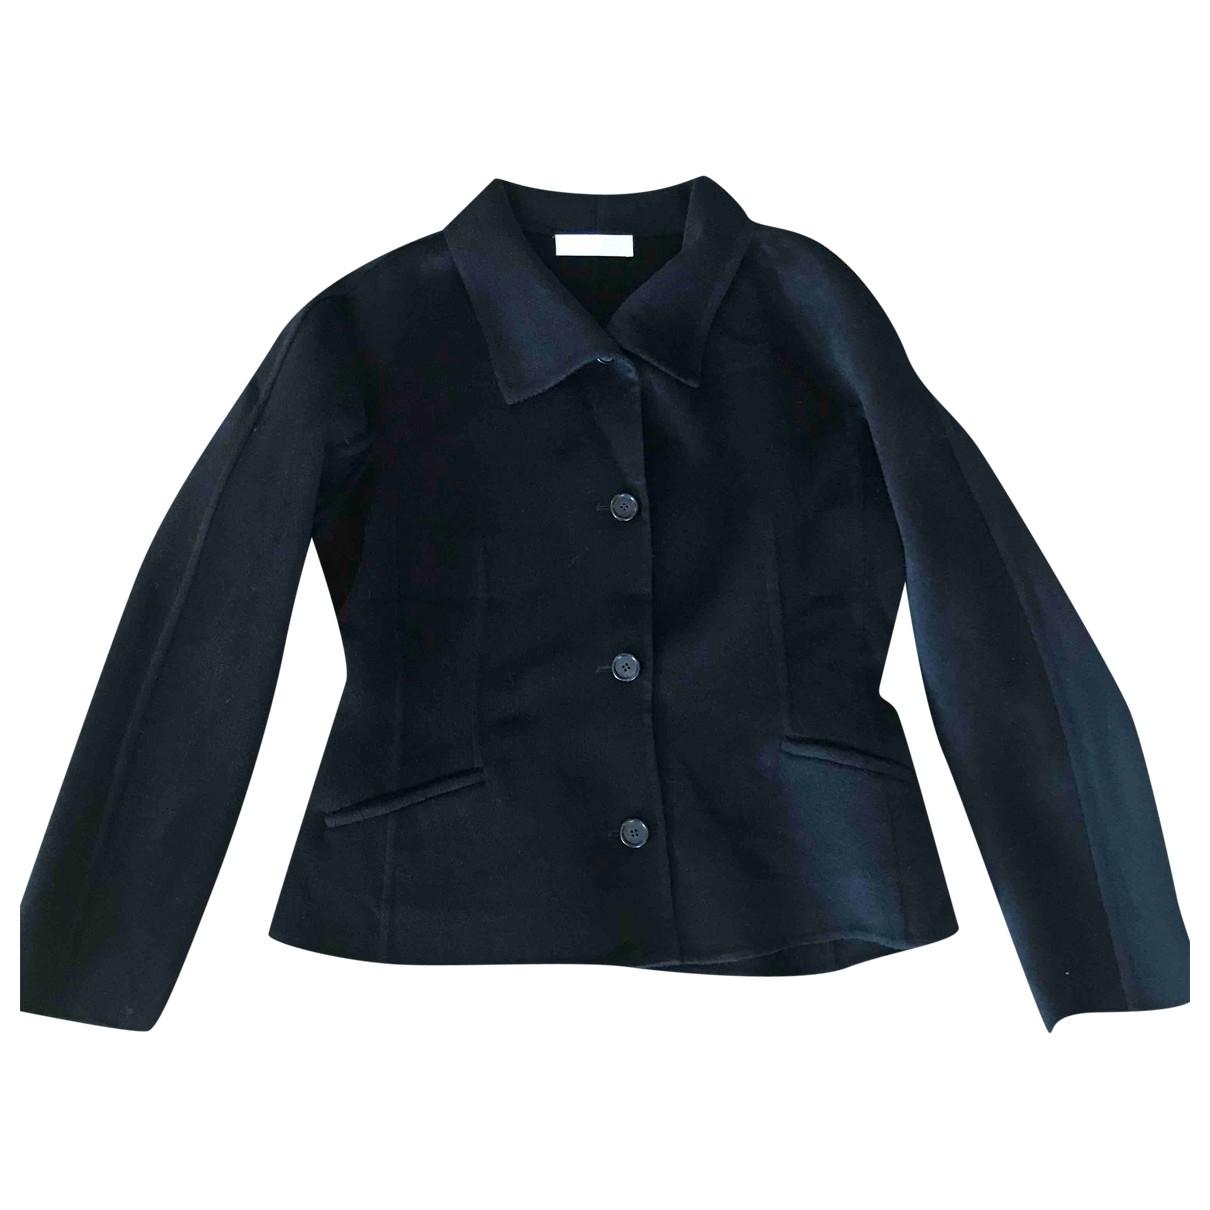 Nicole Farhi - Veste   pour femme en laine - noir